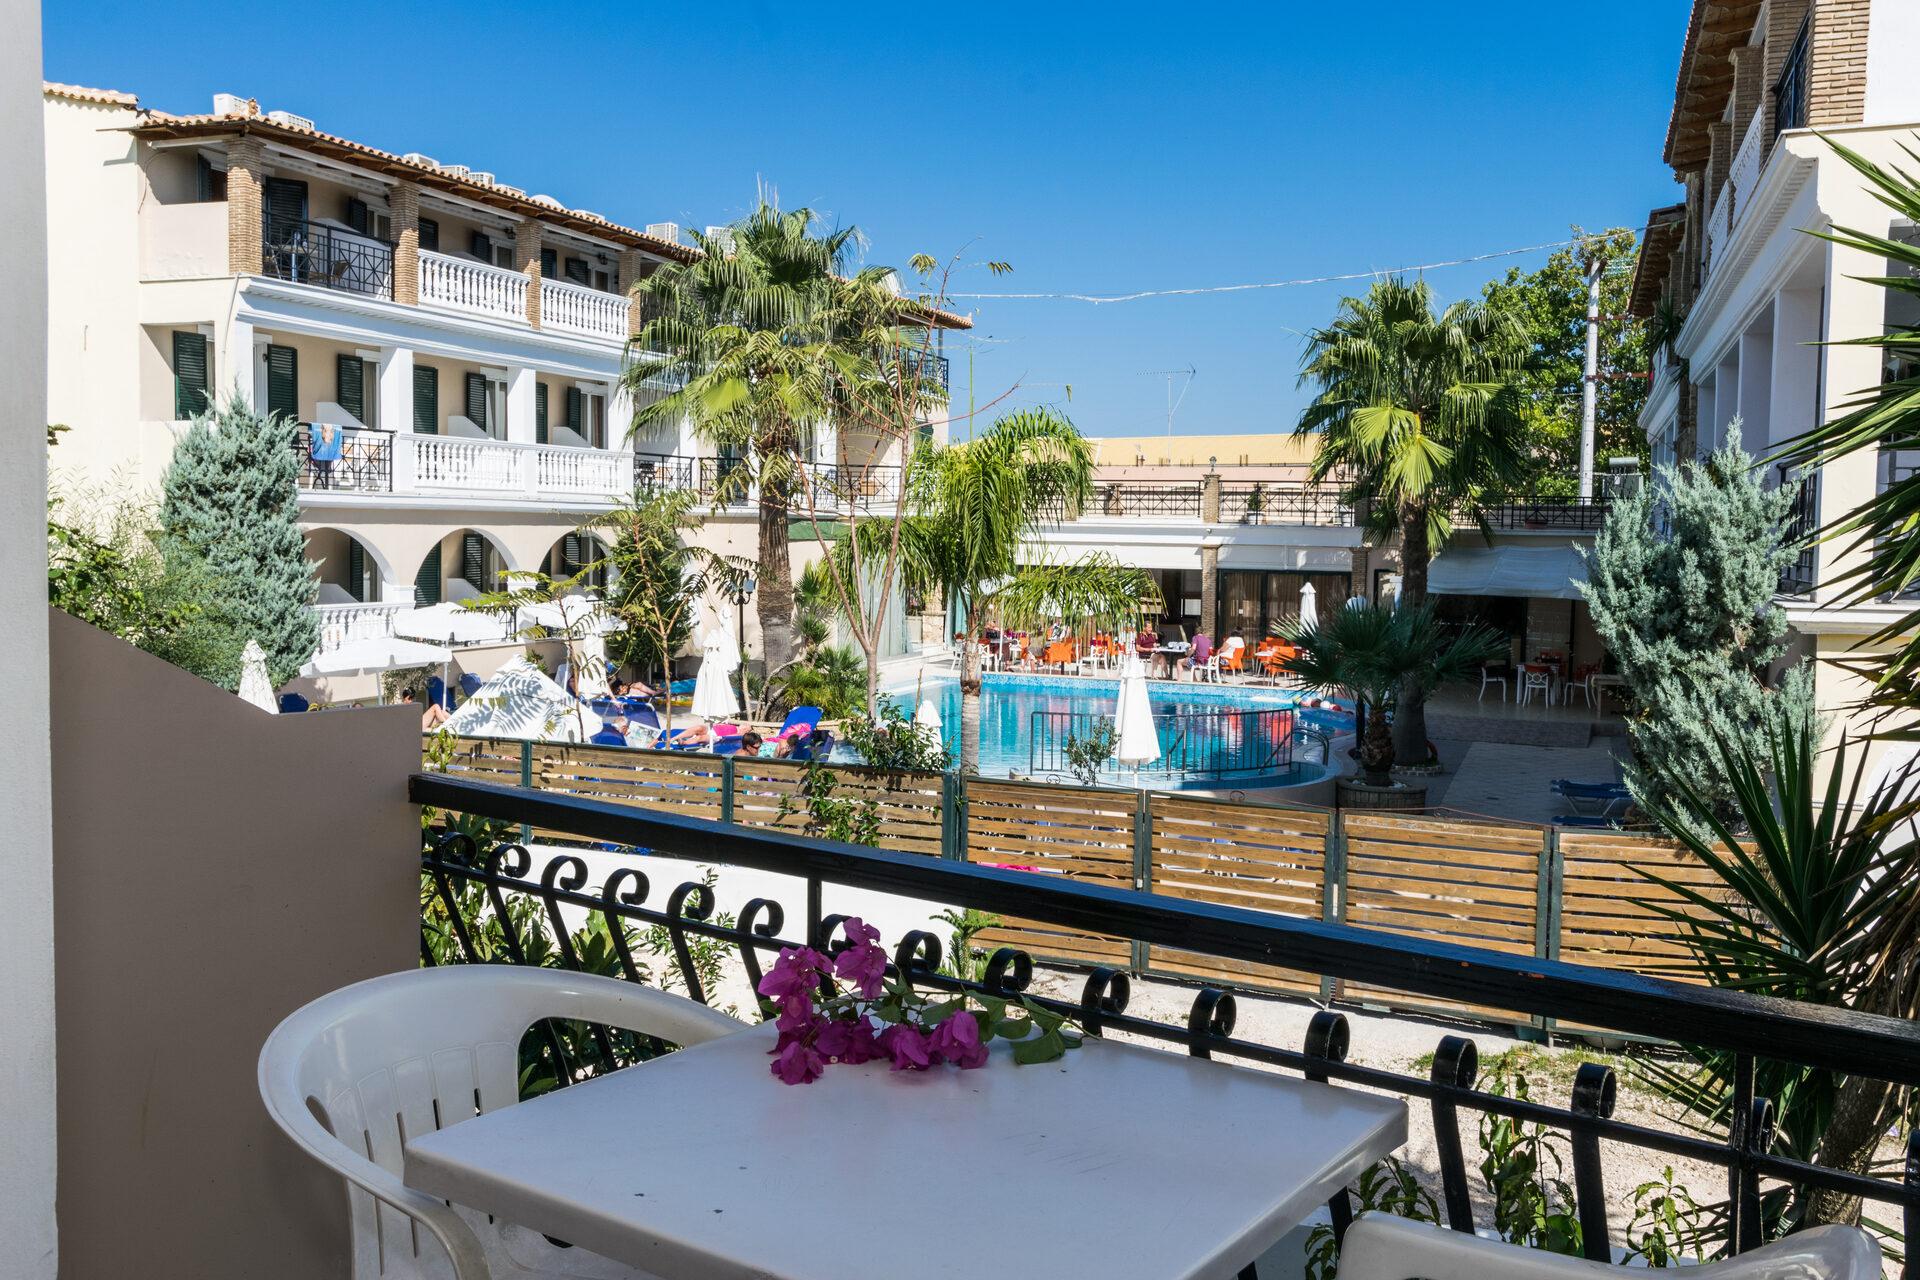 Bomo Zante Plaza Hotel & Apartments